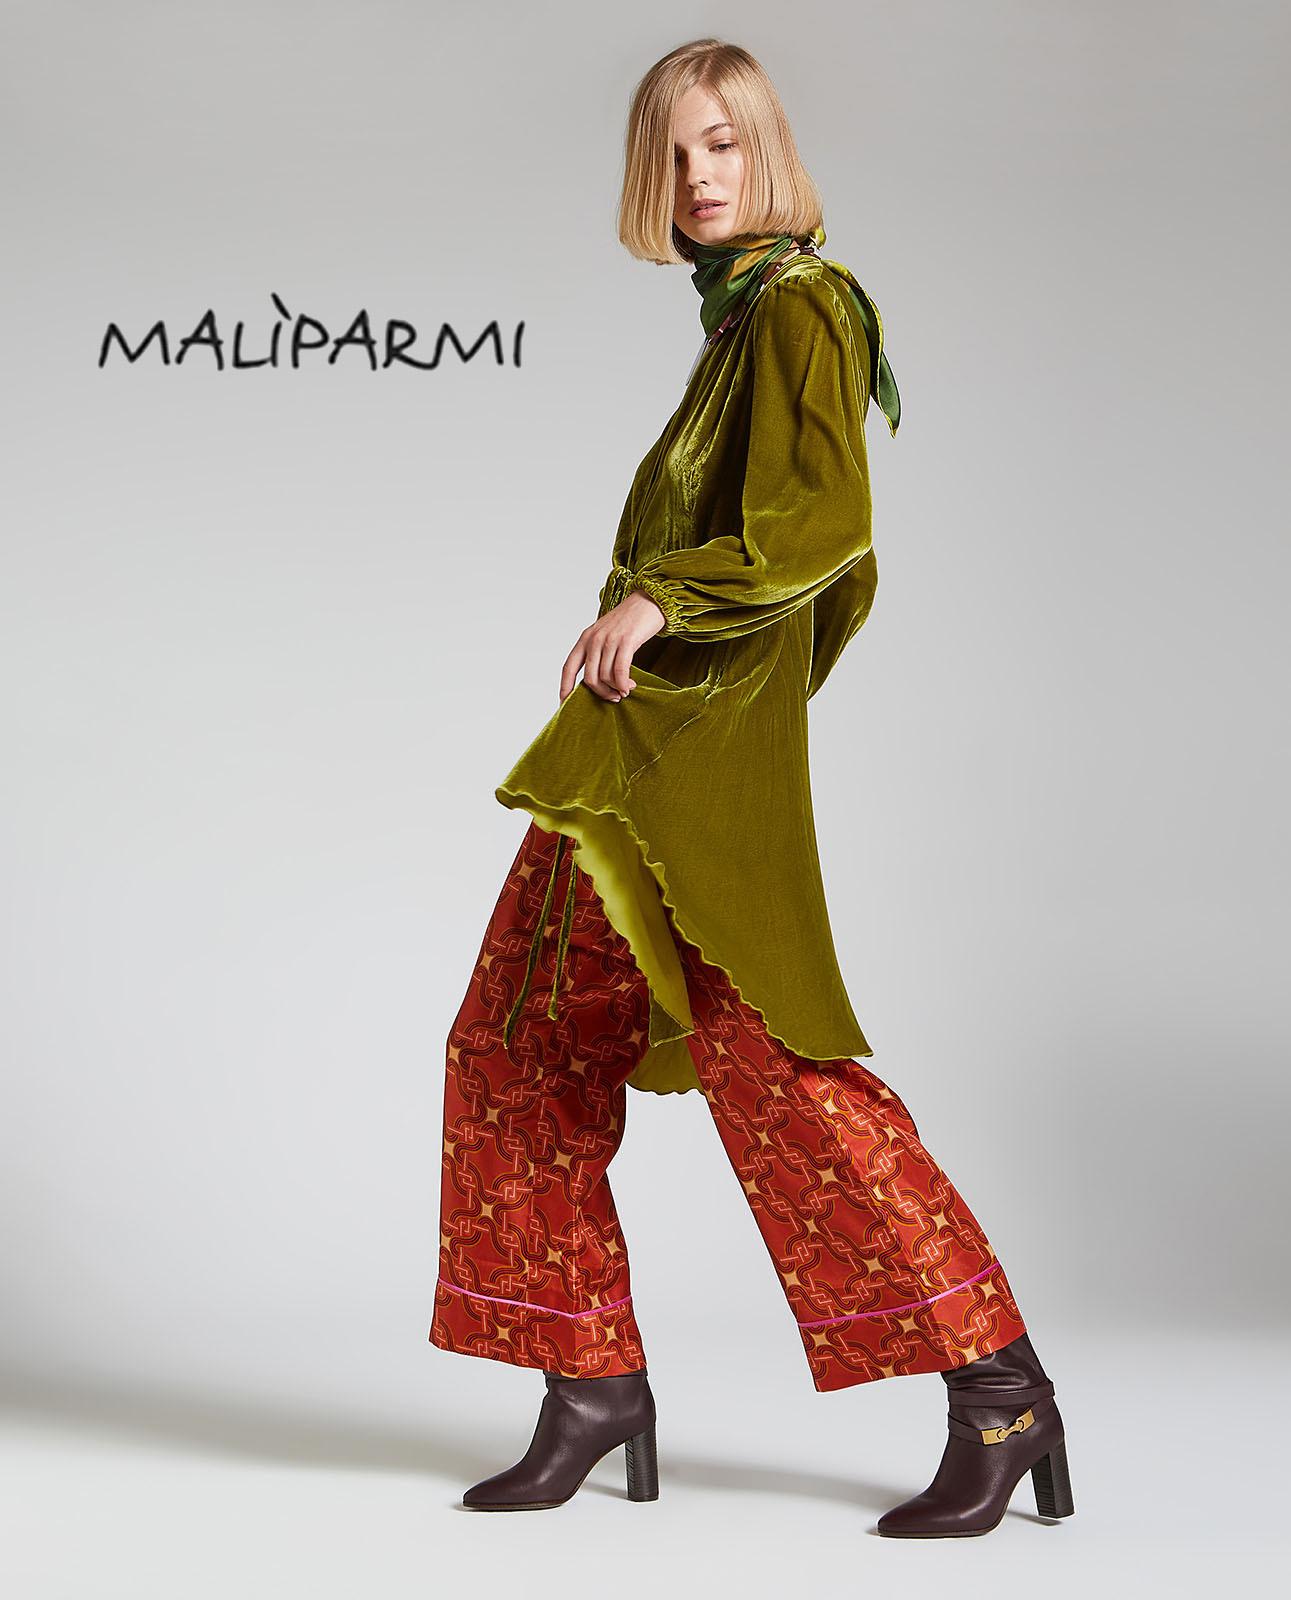 Indossato moda donna per MALIPARMI E-commerce- MC Studios - Fashion